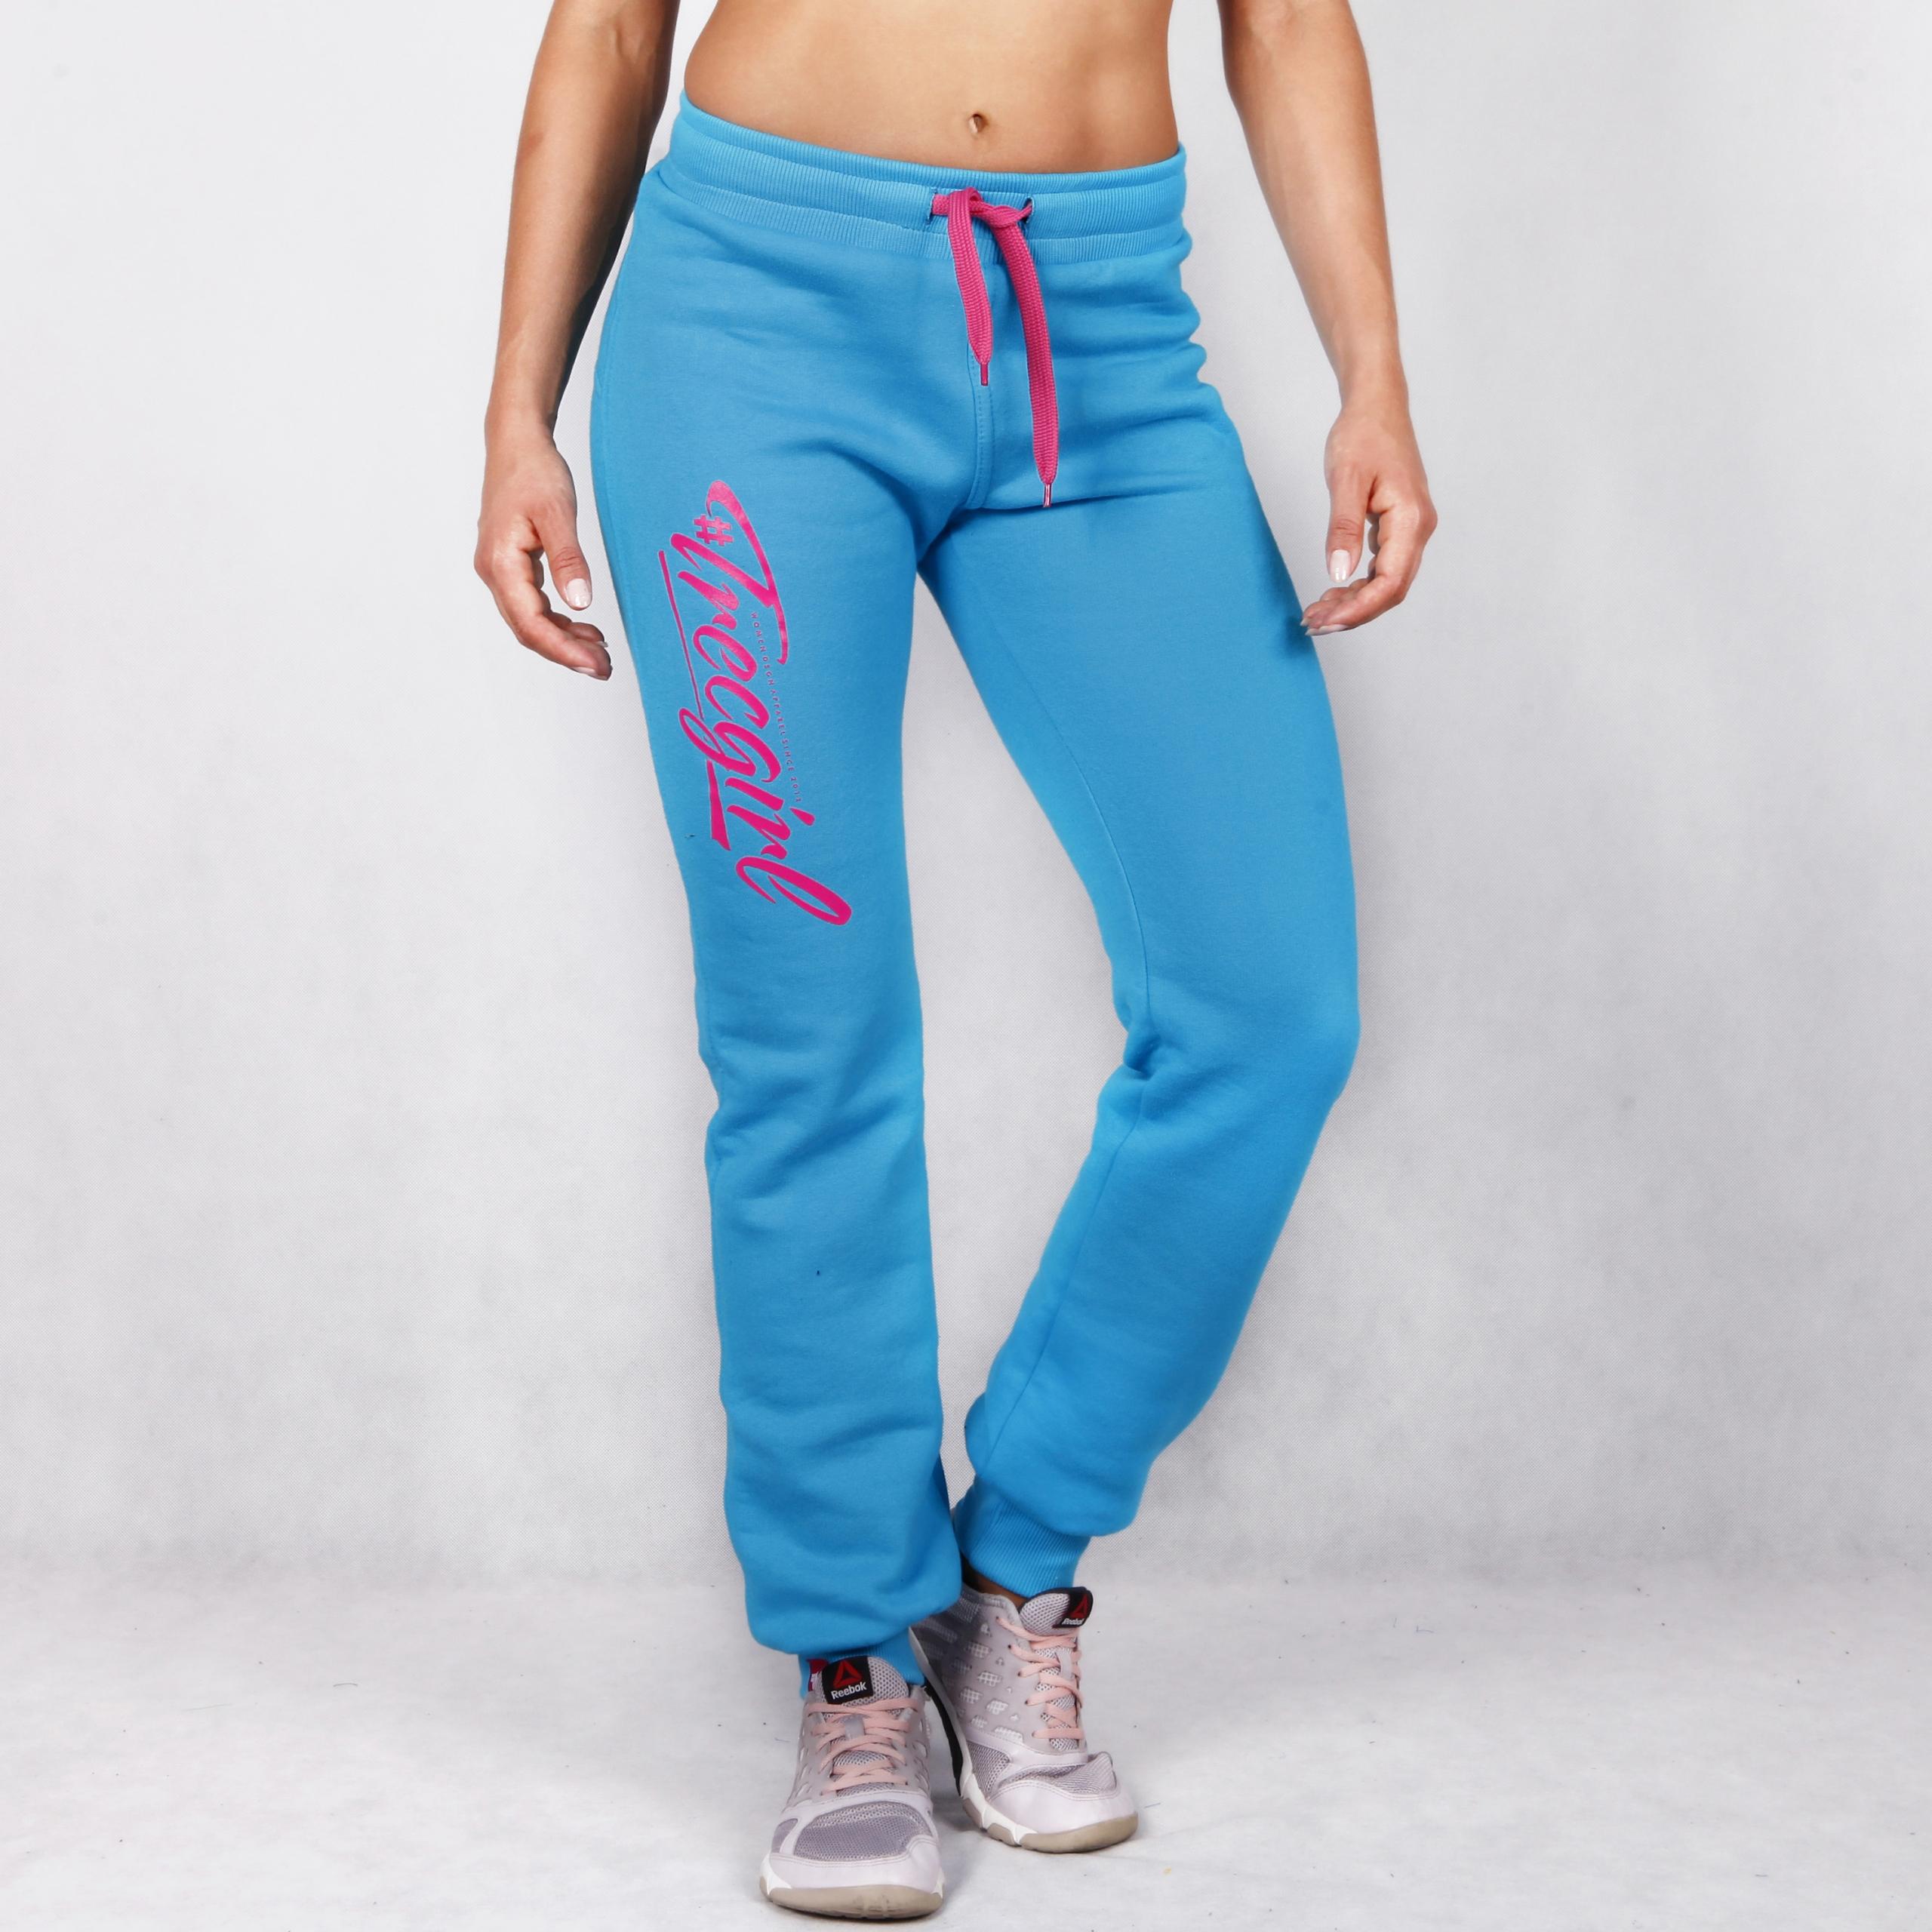 women's trec wear pants